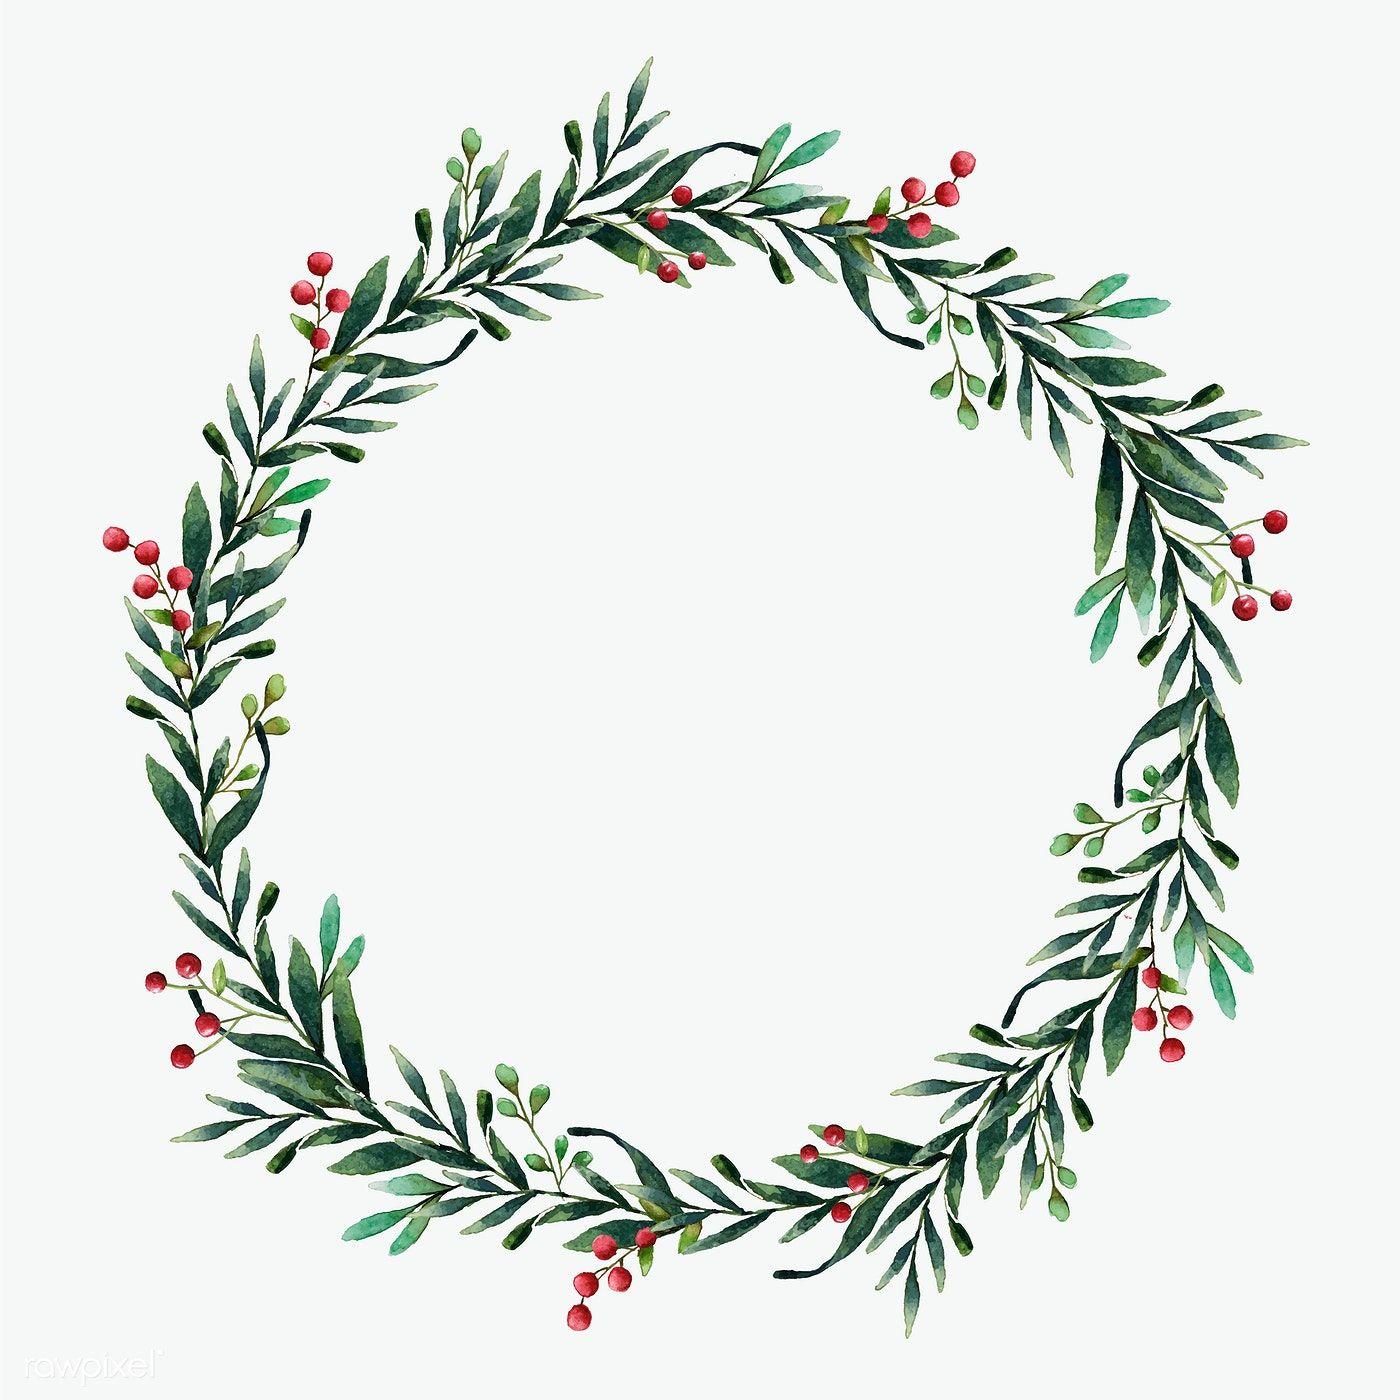 Christmas Wreath Christmas Wreath Illustration Christmas Wreaths Ribbon Wreath Christmas